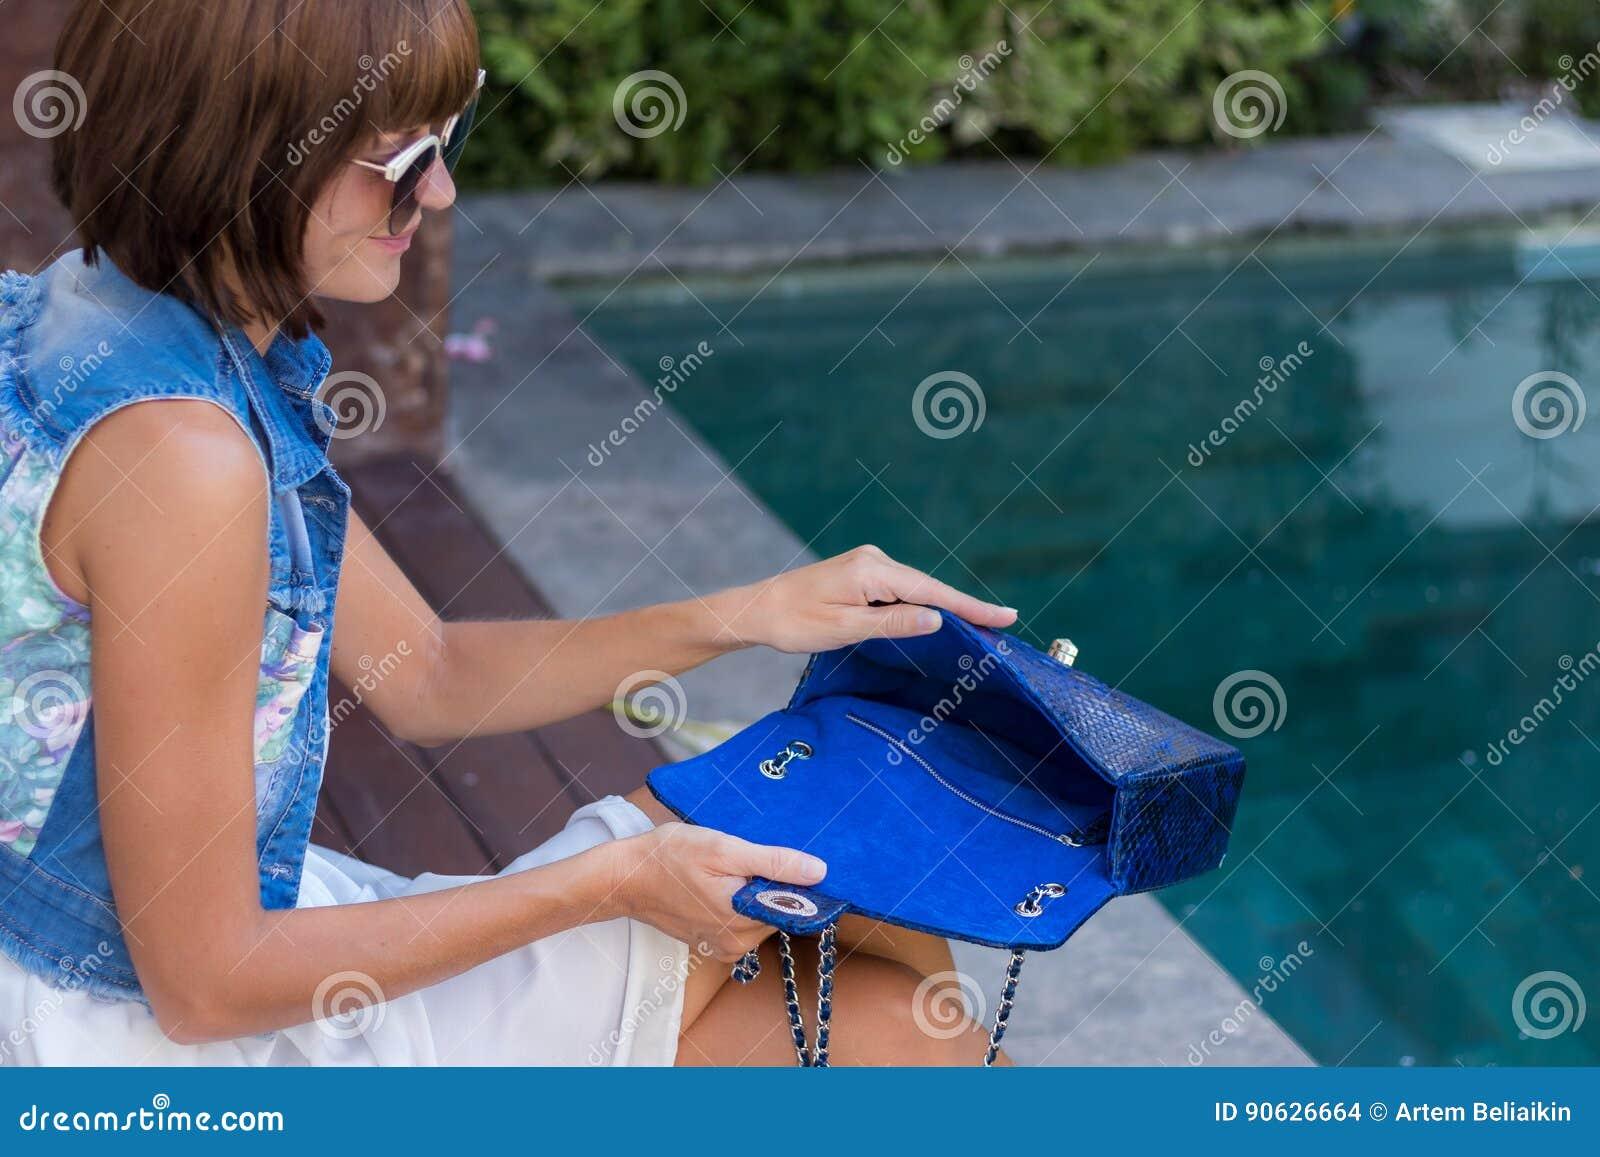 Junge stilvolle Frau in der modischen Ausstattung mit snakeskin Pythonschlangen-Luxustasche in den Händen Frau mit Handtasche nah